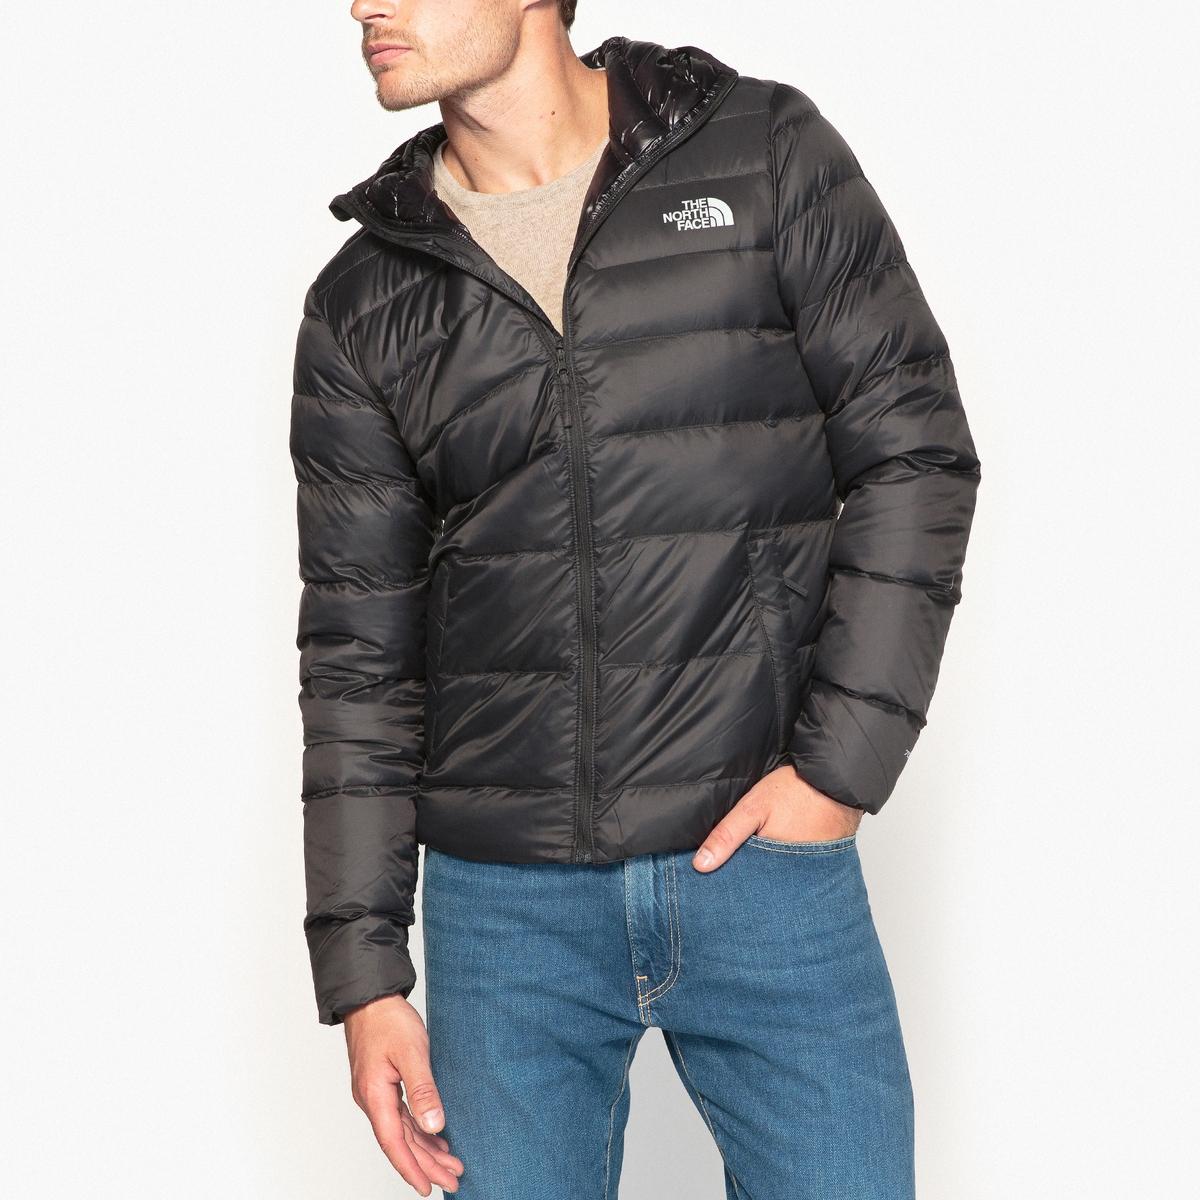 Куртка стеганая с капюшономДетали •  Длина : укороченная   •  Капюшон  •  Застежка на молнию •  С капюшоном Состав и уход •  100% полиамид  •  Наполнитель : 100% перо •  Следуйте советам по уходу, указанным на этикетке<br><br>Цвет: черный<br>Размер: XL